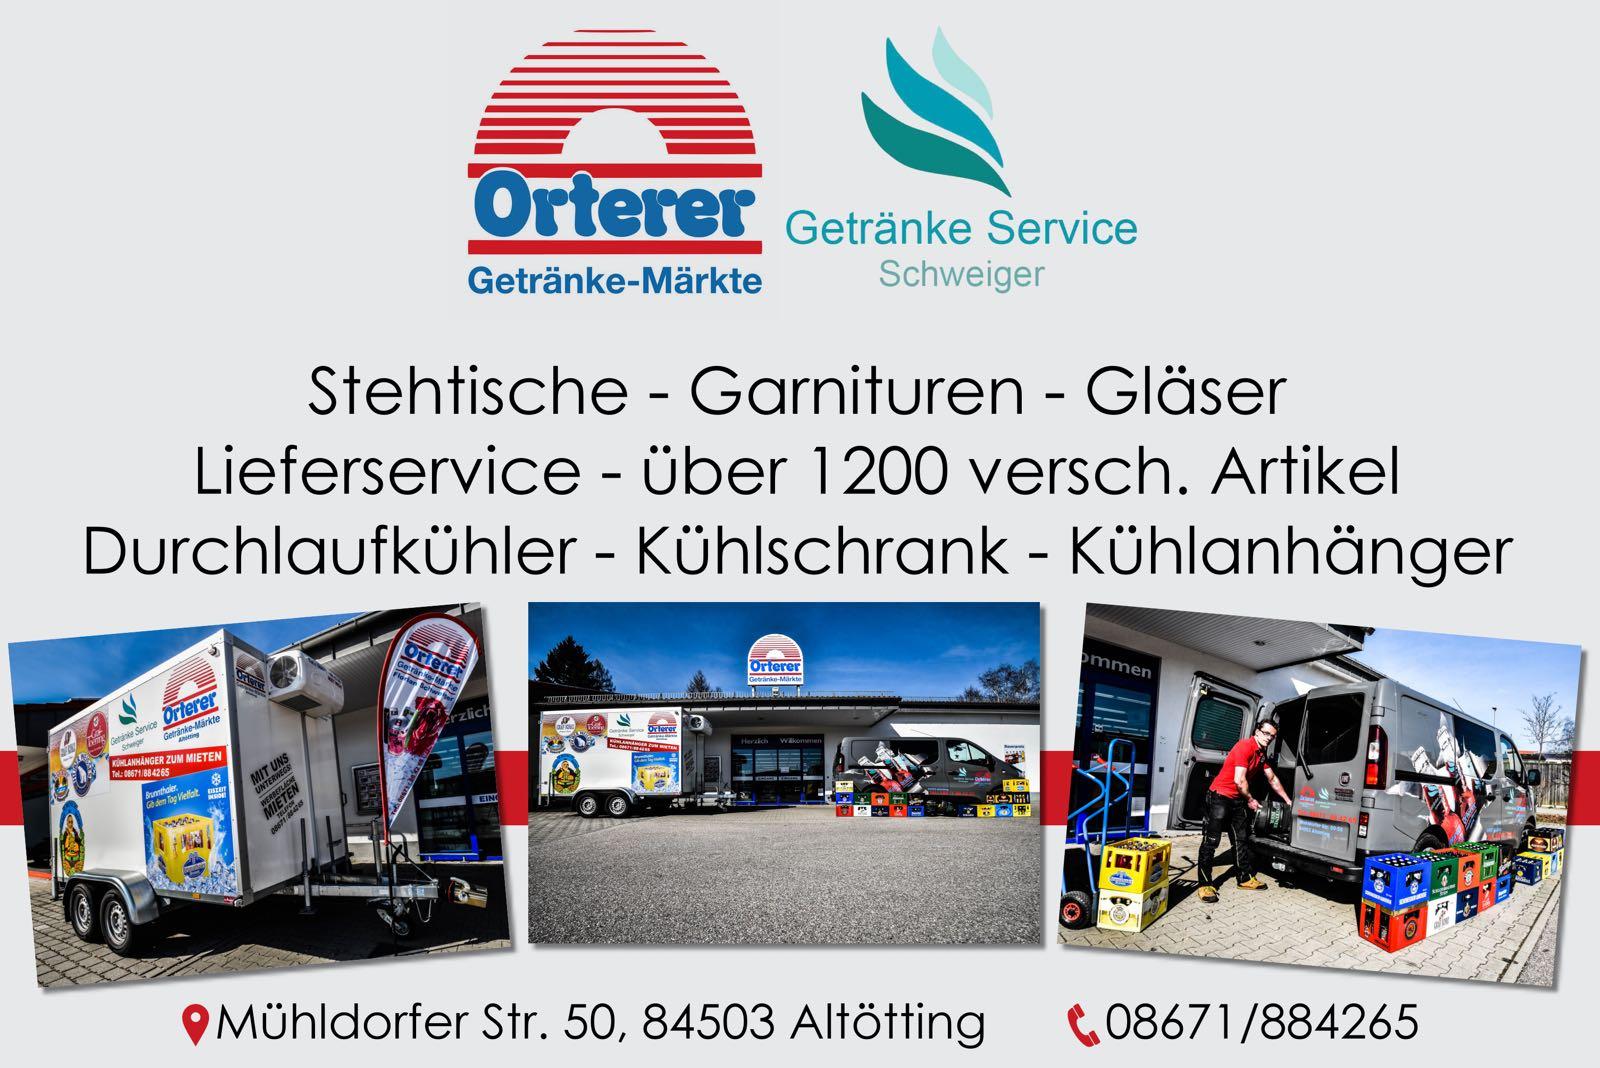 Sponsoren - Schützenfest, Bürgerfest in Altötting, Dultplatz